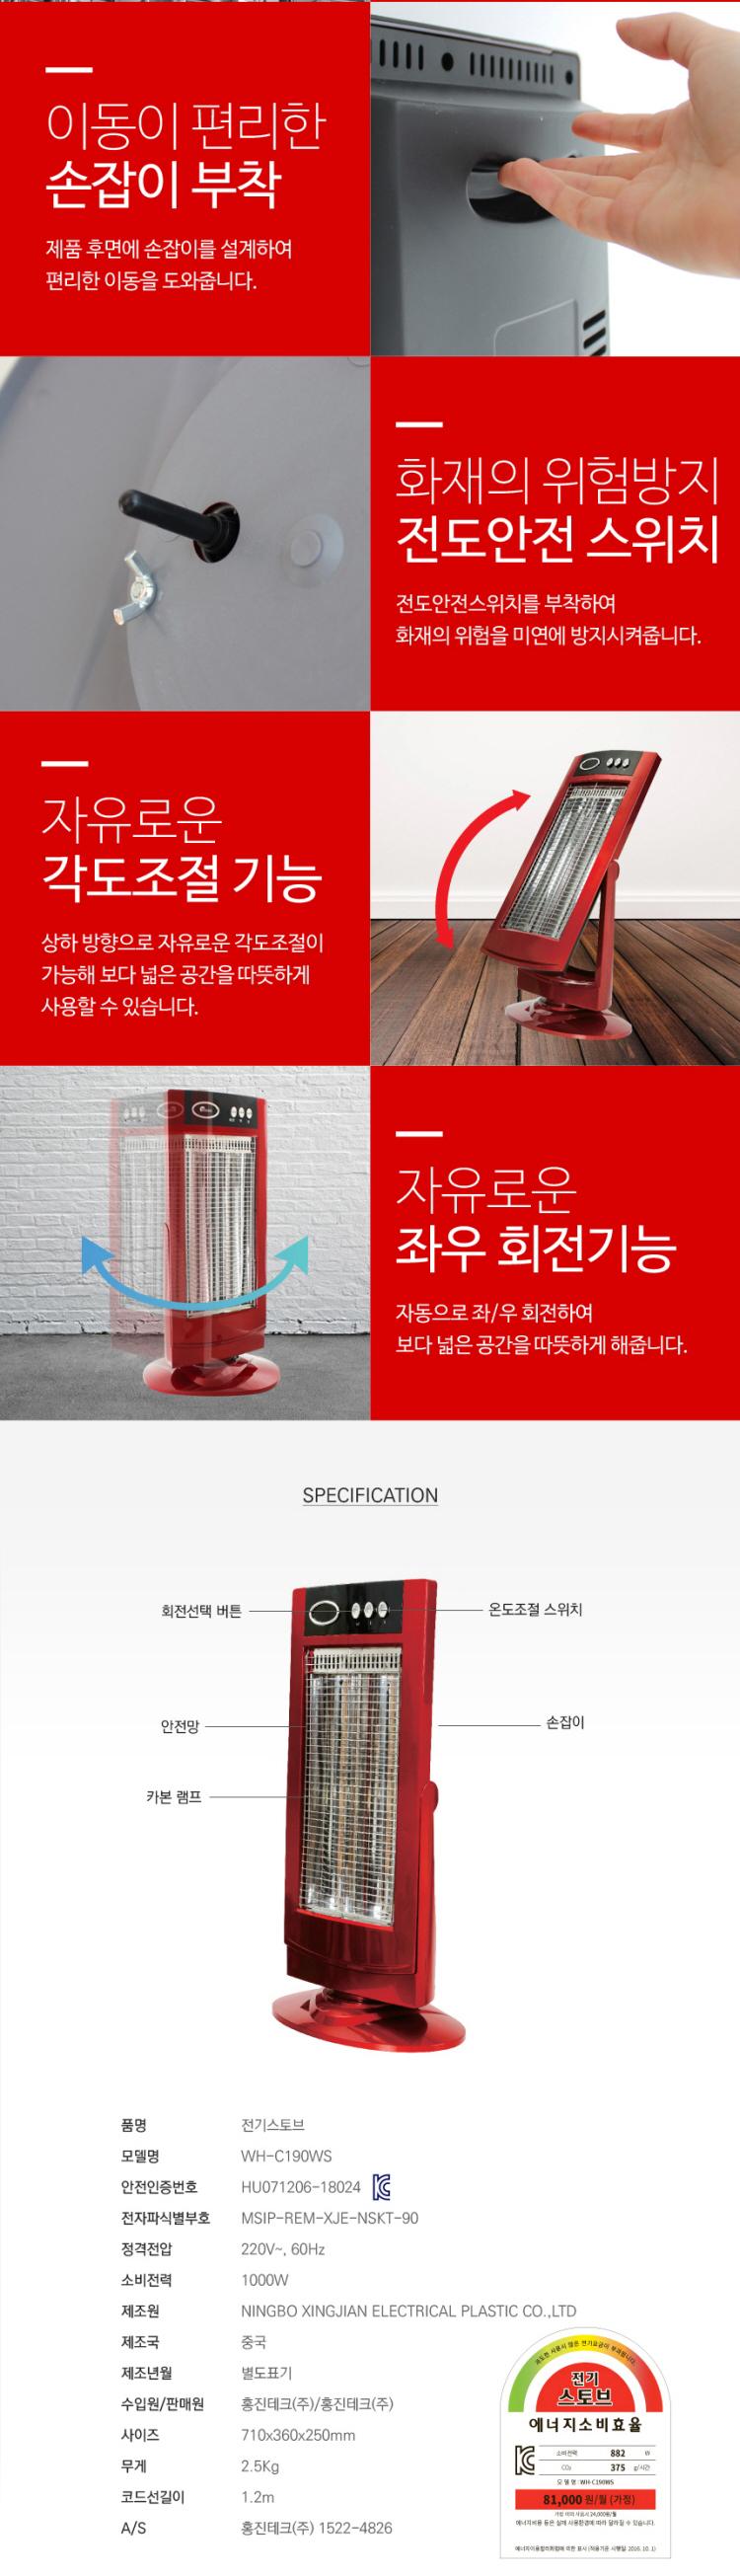 선풍기형히터,선풍기형난로,스탠드히터,가정용히터,세라믹난로